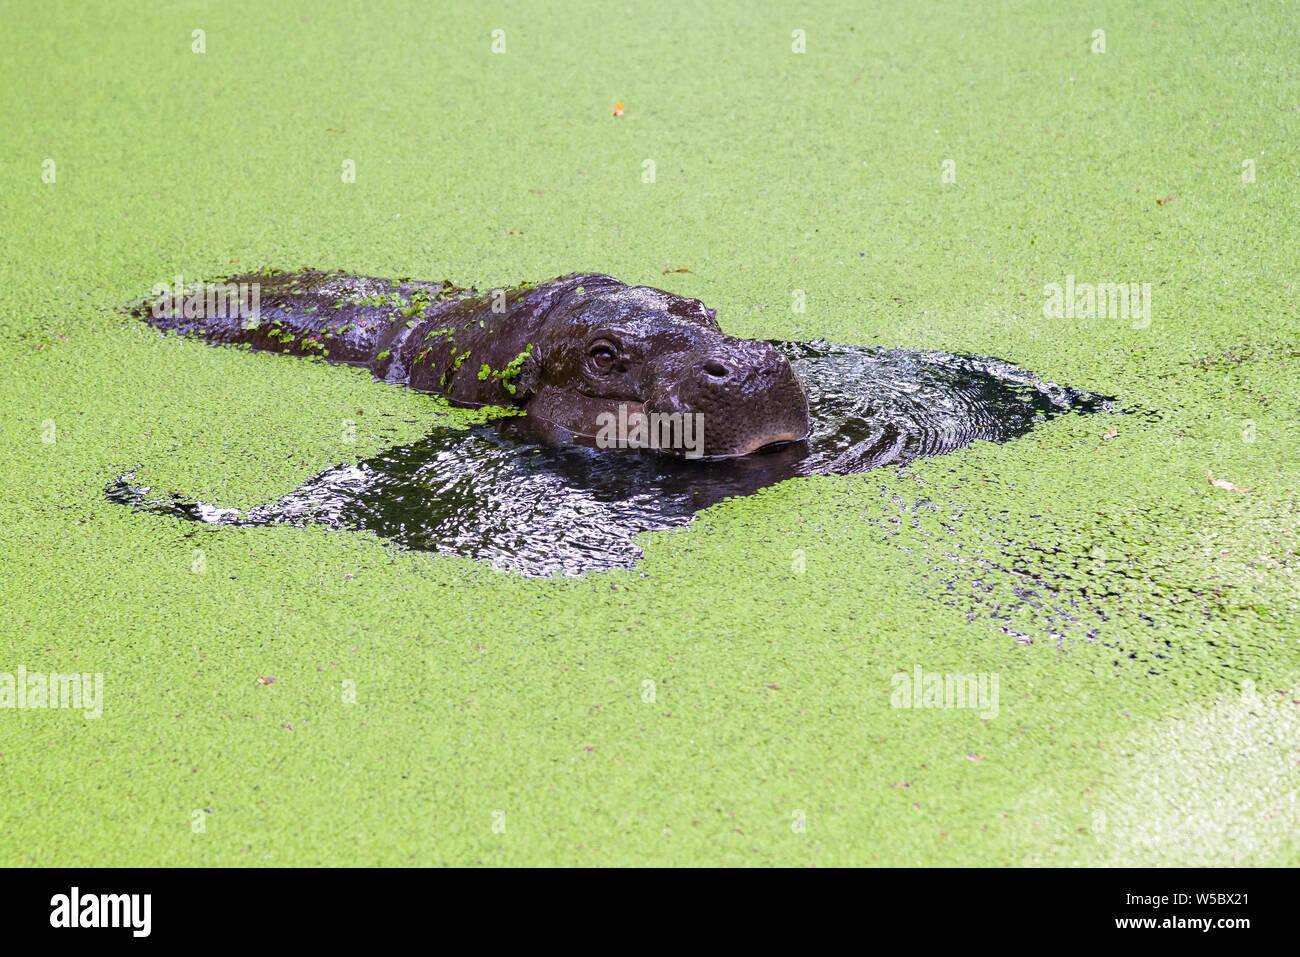 Pigmy hippopotamus emerging from water full of eyelashes Stock Photo